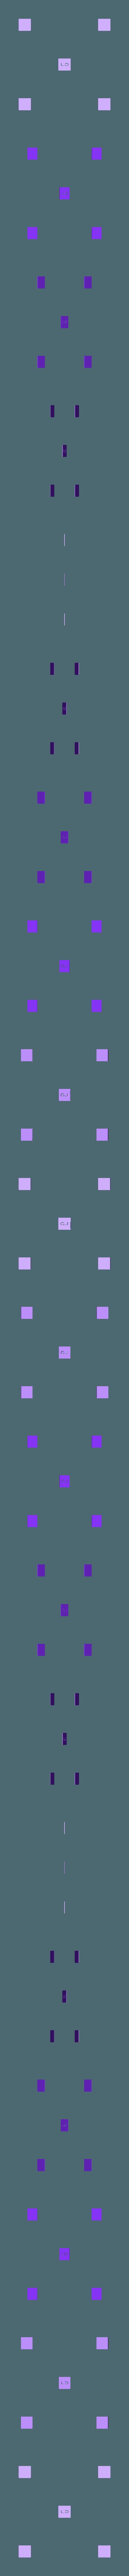 LD - Bed Level and Adhesion Test MK1.STL Télécharger fichier STL gratuit LD Test d'adhérence et de niveau du lit d'impression en 5 points MK1 • Objet à imprimer en 3D, Lobo_Dorado_3D